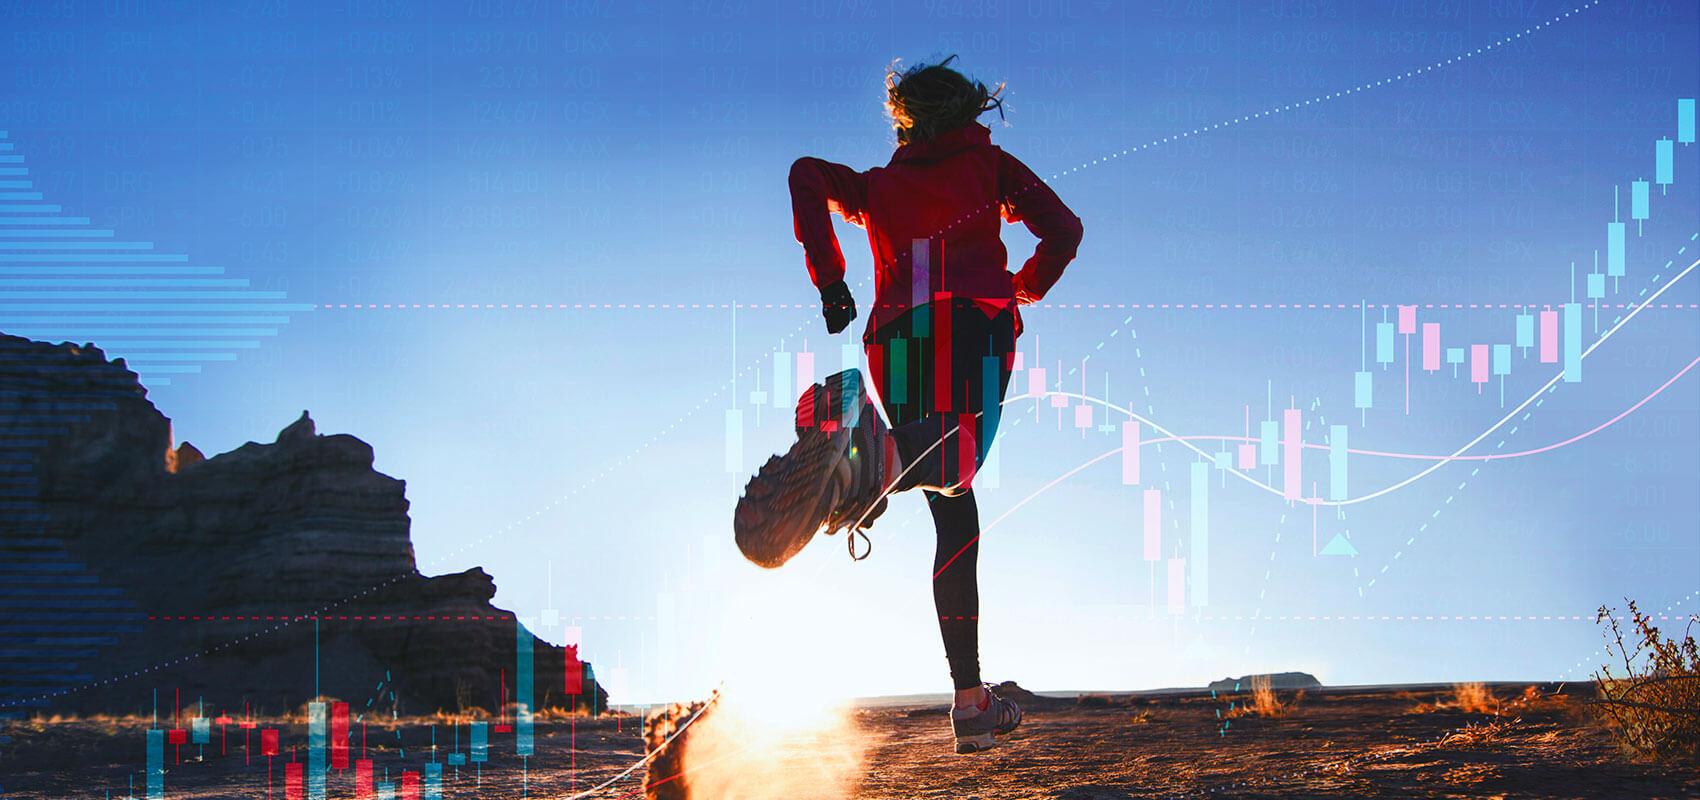 https://exinity.com/sites/default/files/revslider/image/banner-tradeup-female-runner.jpg